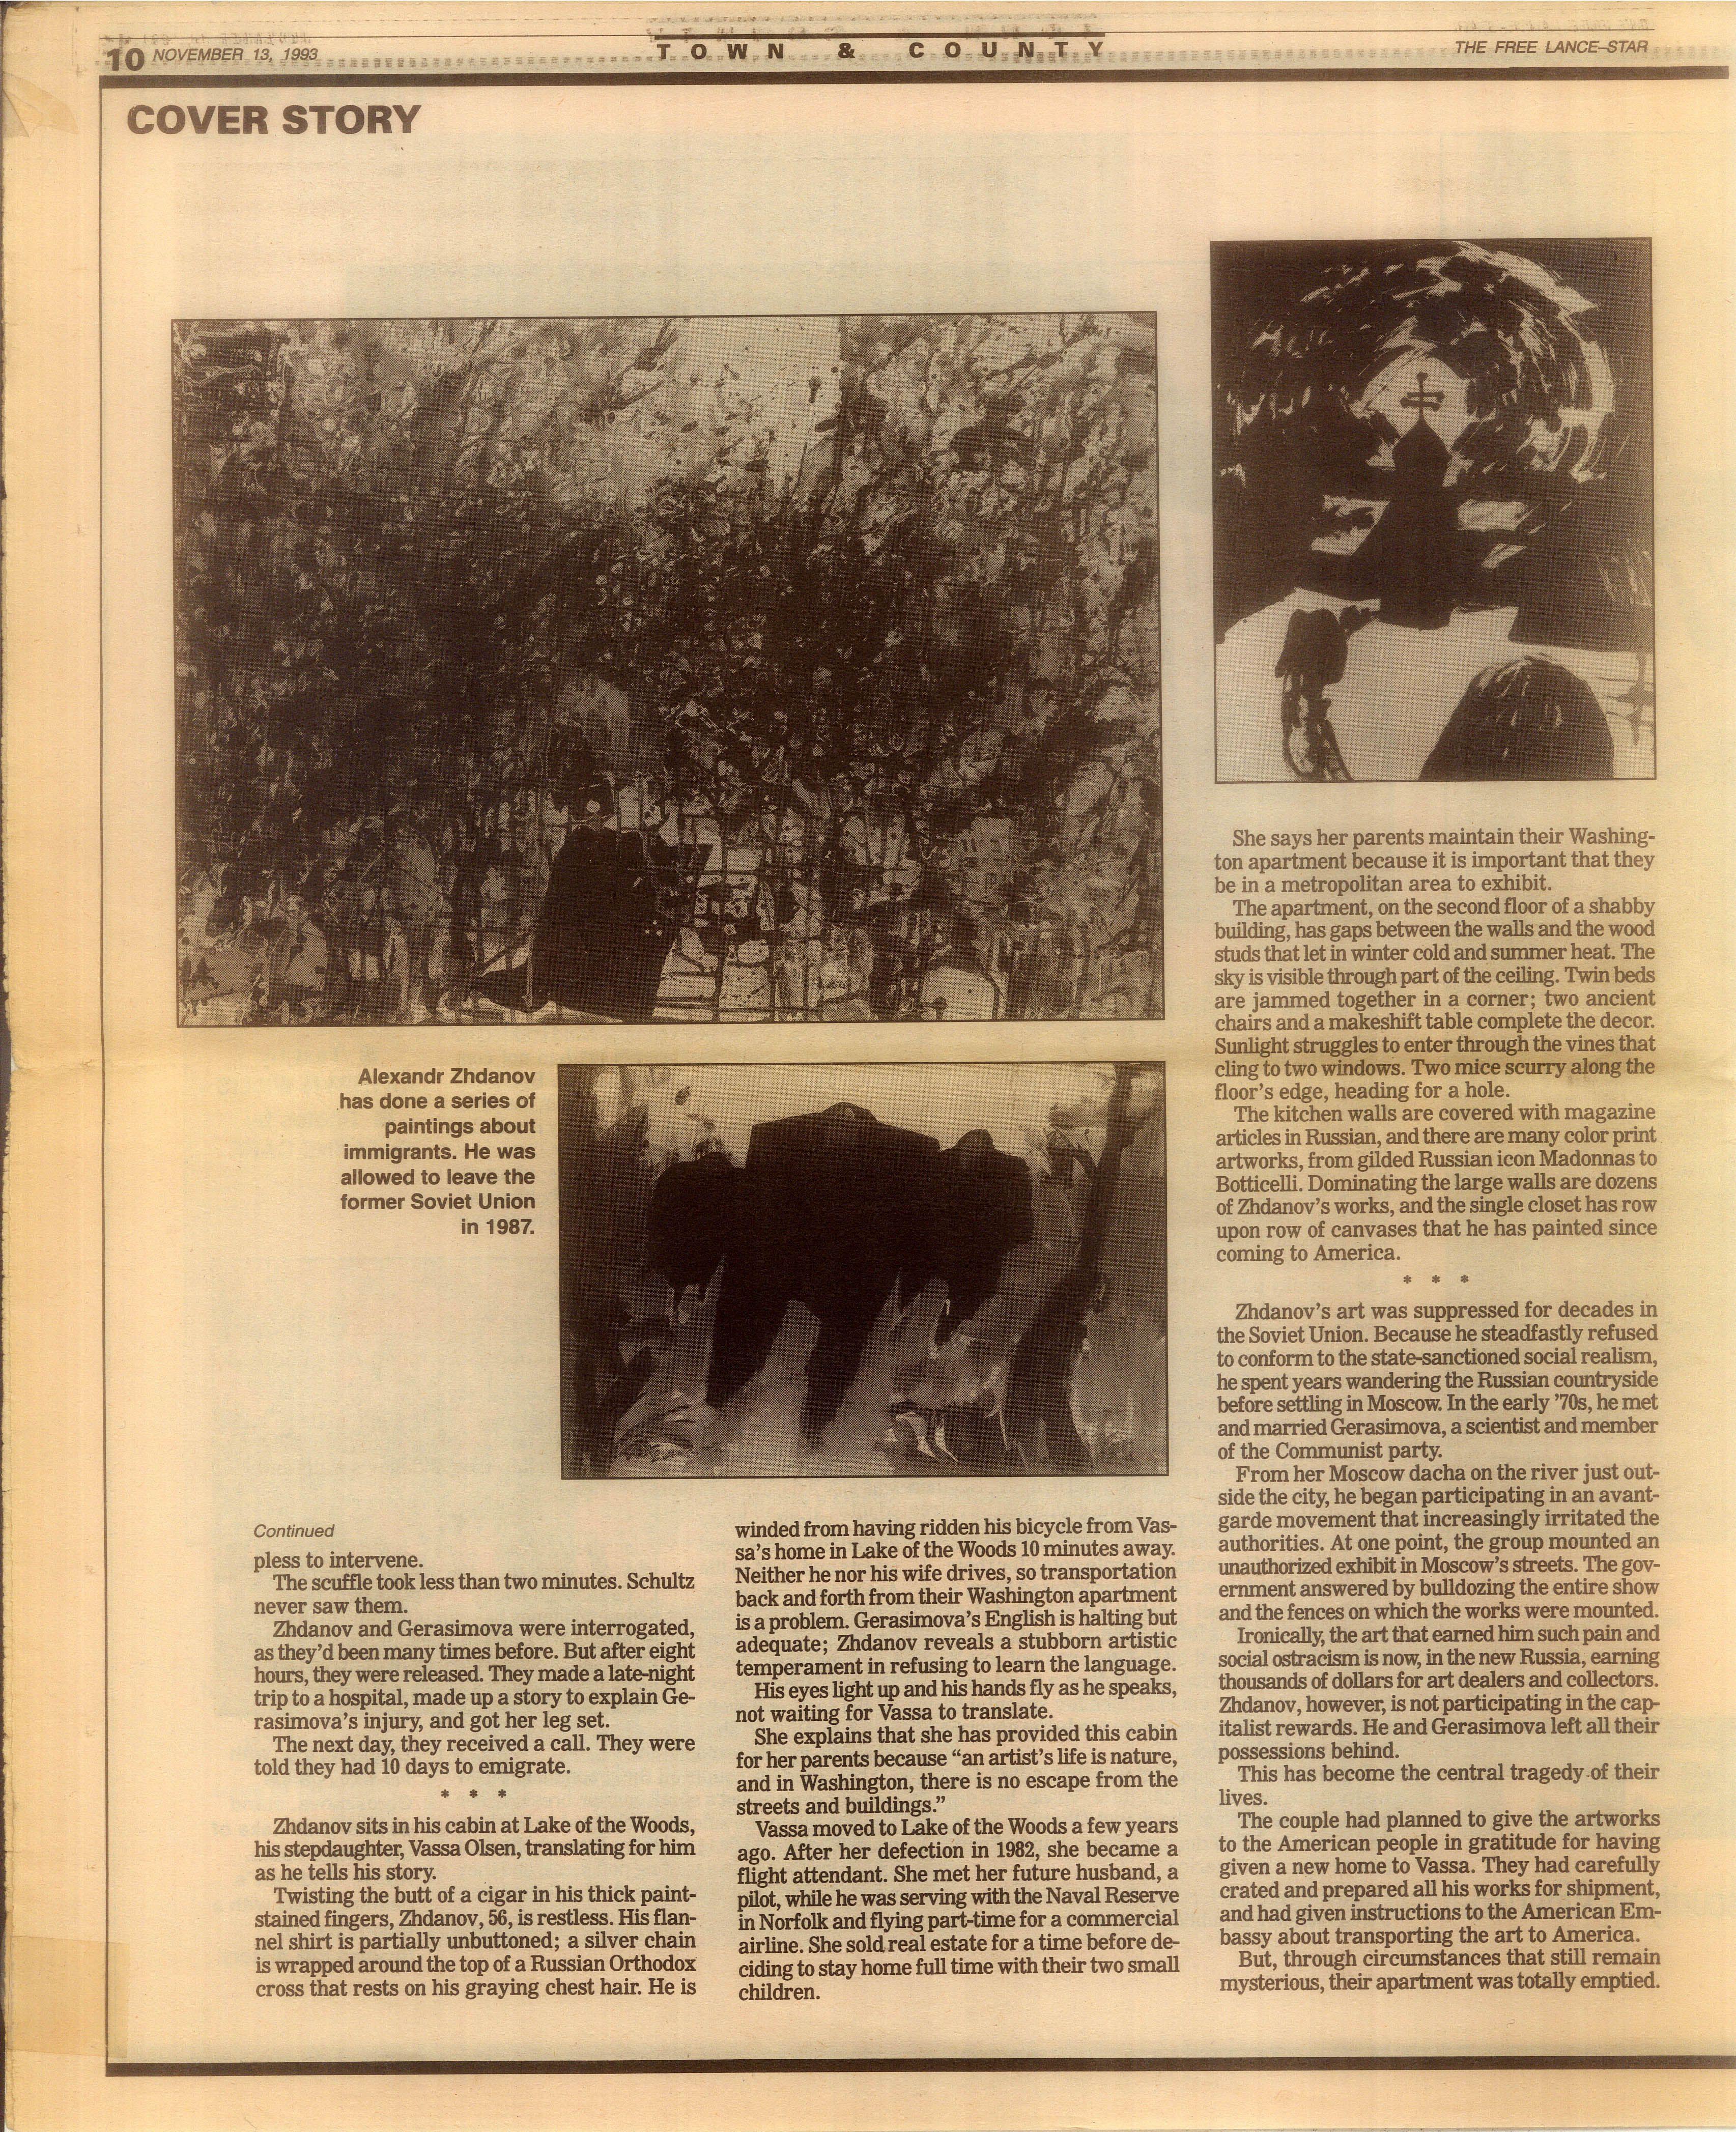 Скрин статьи Кэтрин Уиллис (Kathryn Willis) и фотографа Сьюзан Карр (Suzanne Carr), побывавших в доме Александра Жданова в Вашингтоне.